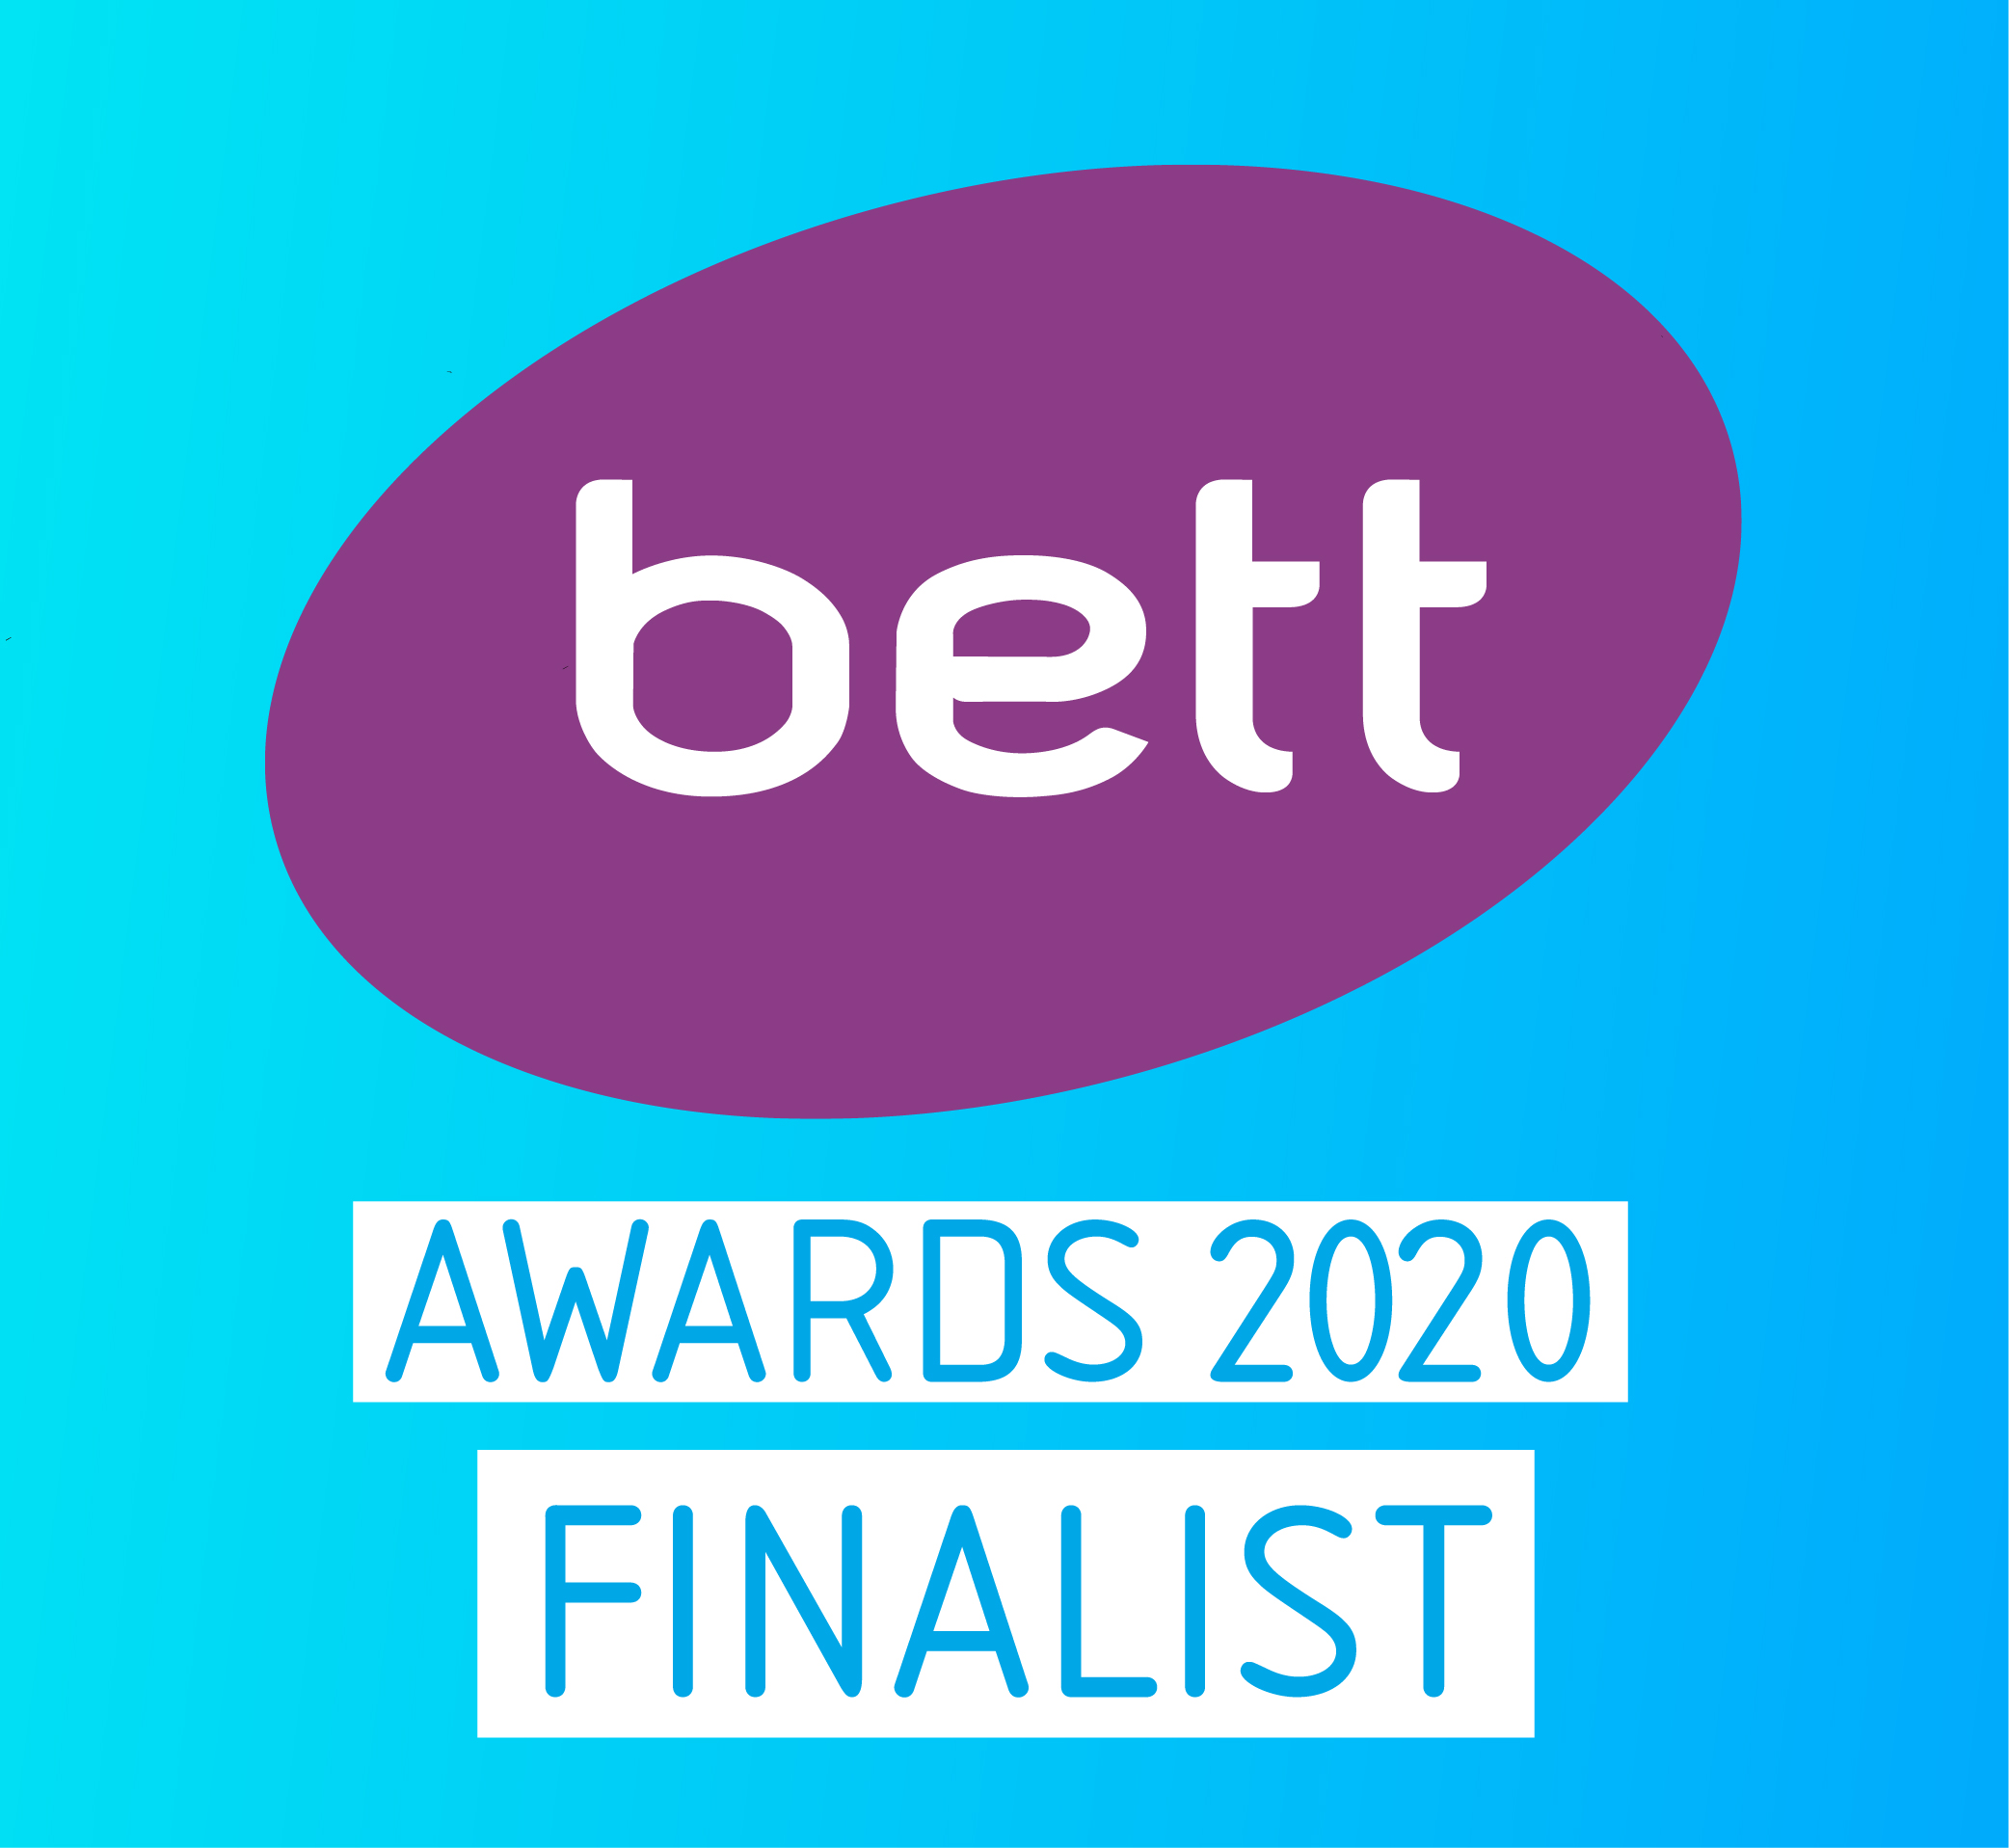 Bett Finalist 2020 logo